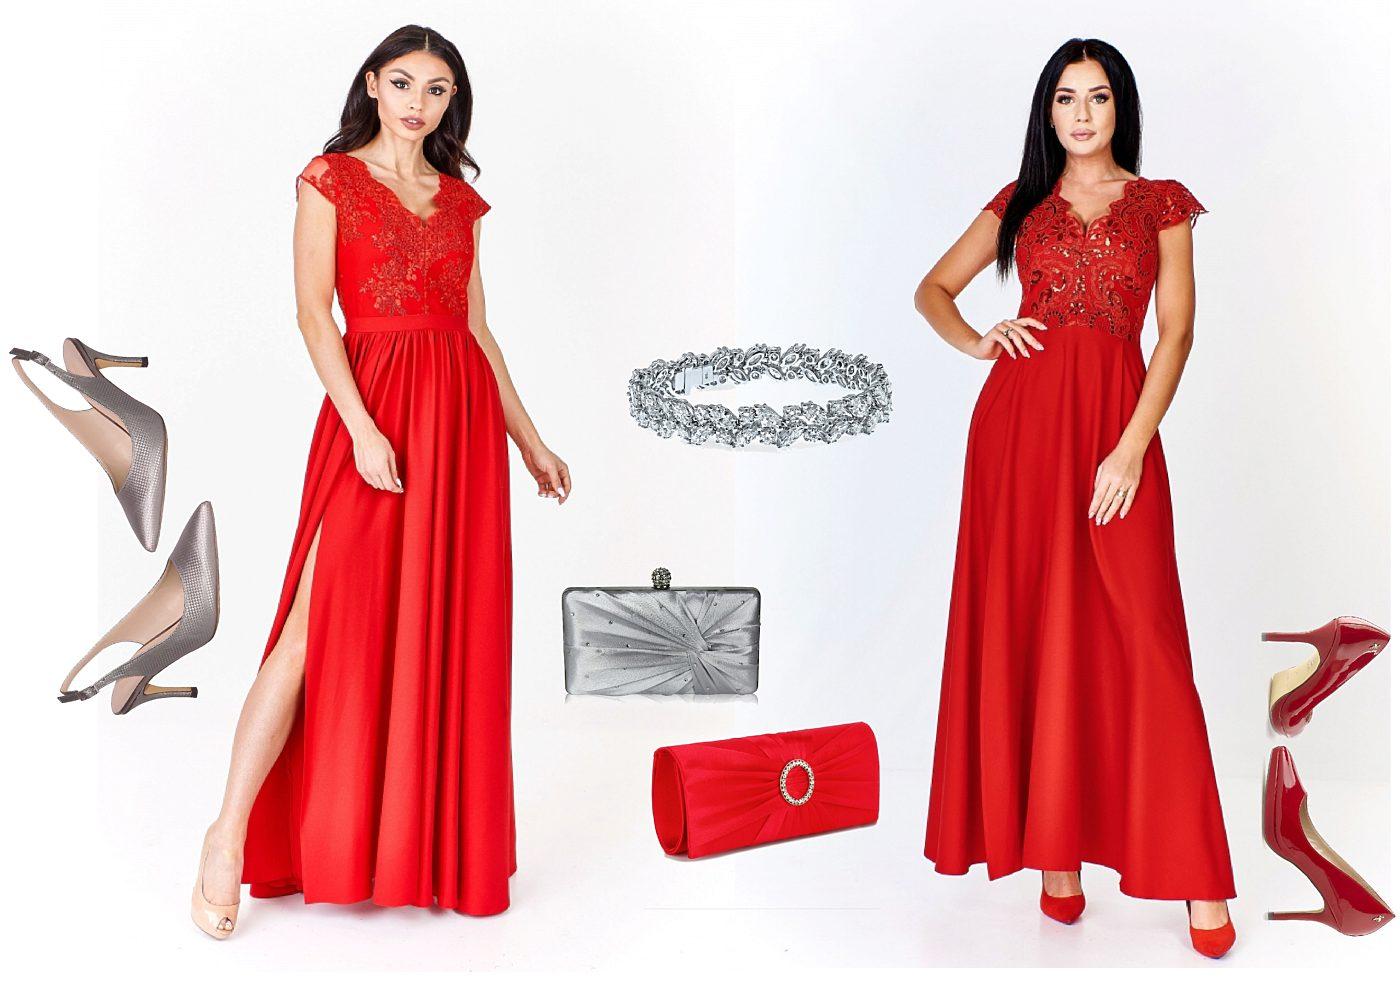 Červené společenské šaty s rozparkem Bosca Fashion Amma Bosca ... 263d13965d3